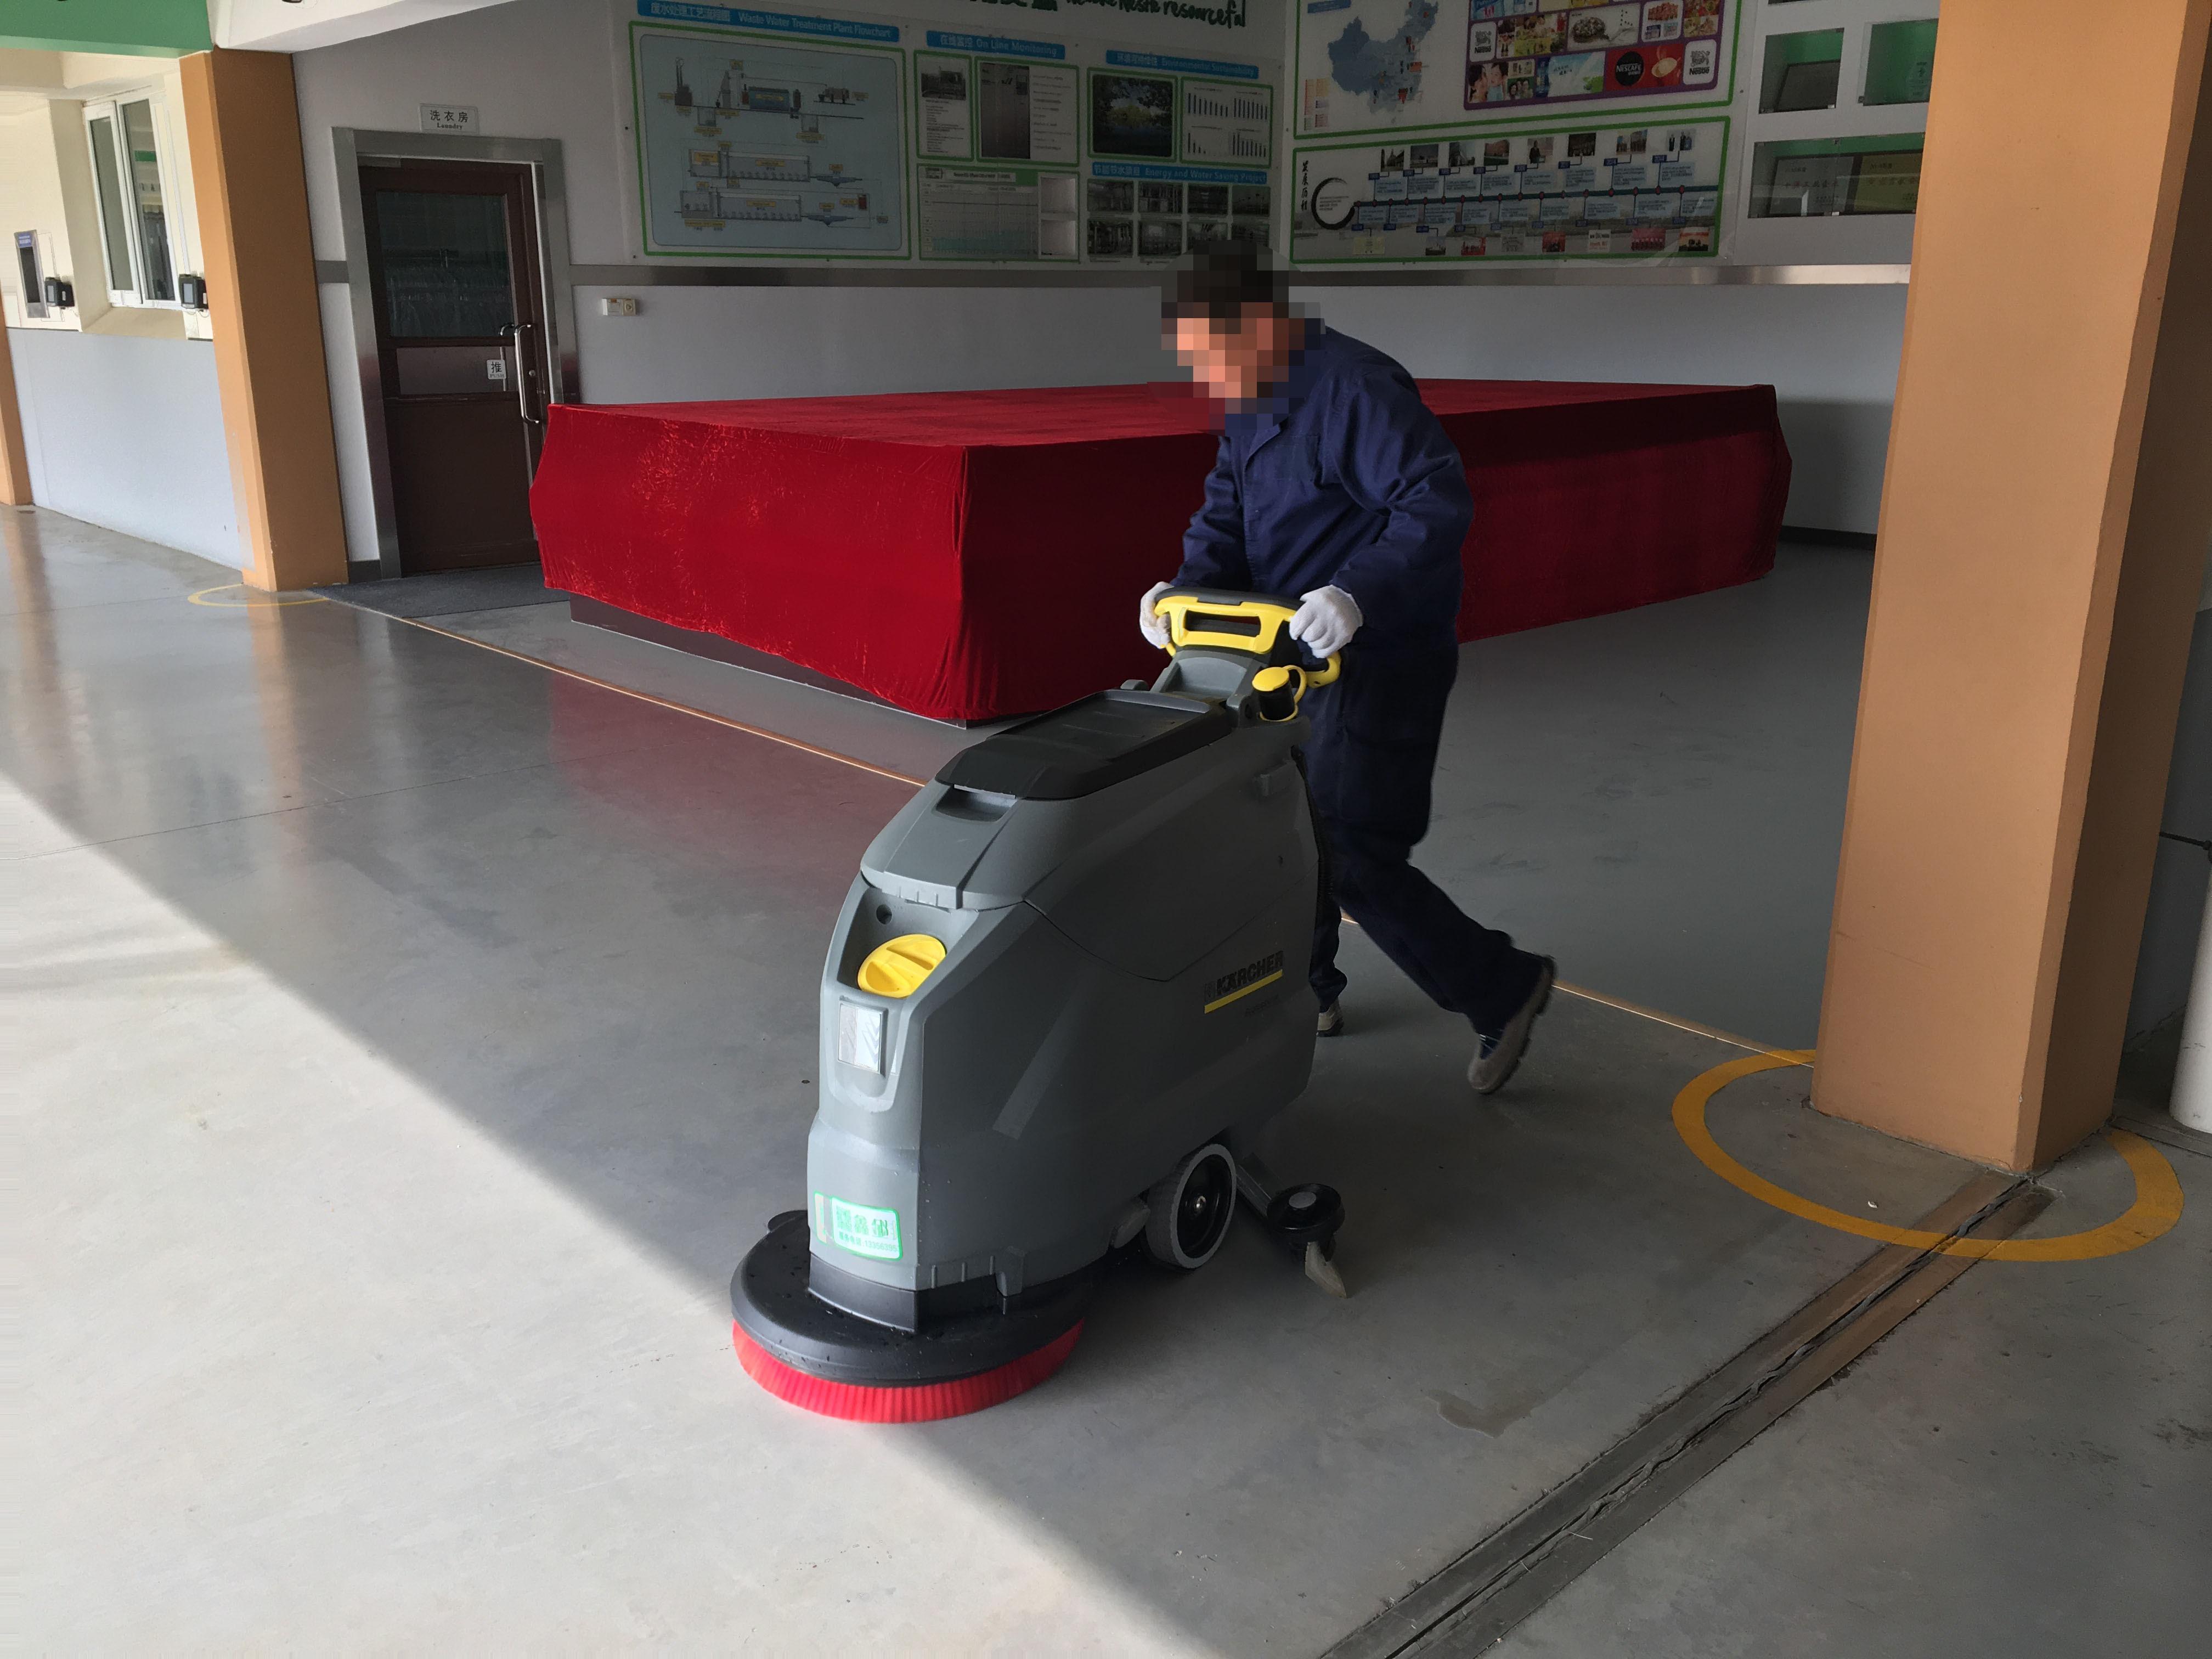 你的手推式洗地机也清洗地面不干净么?